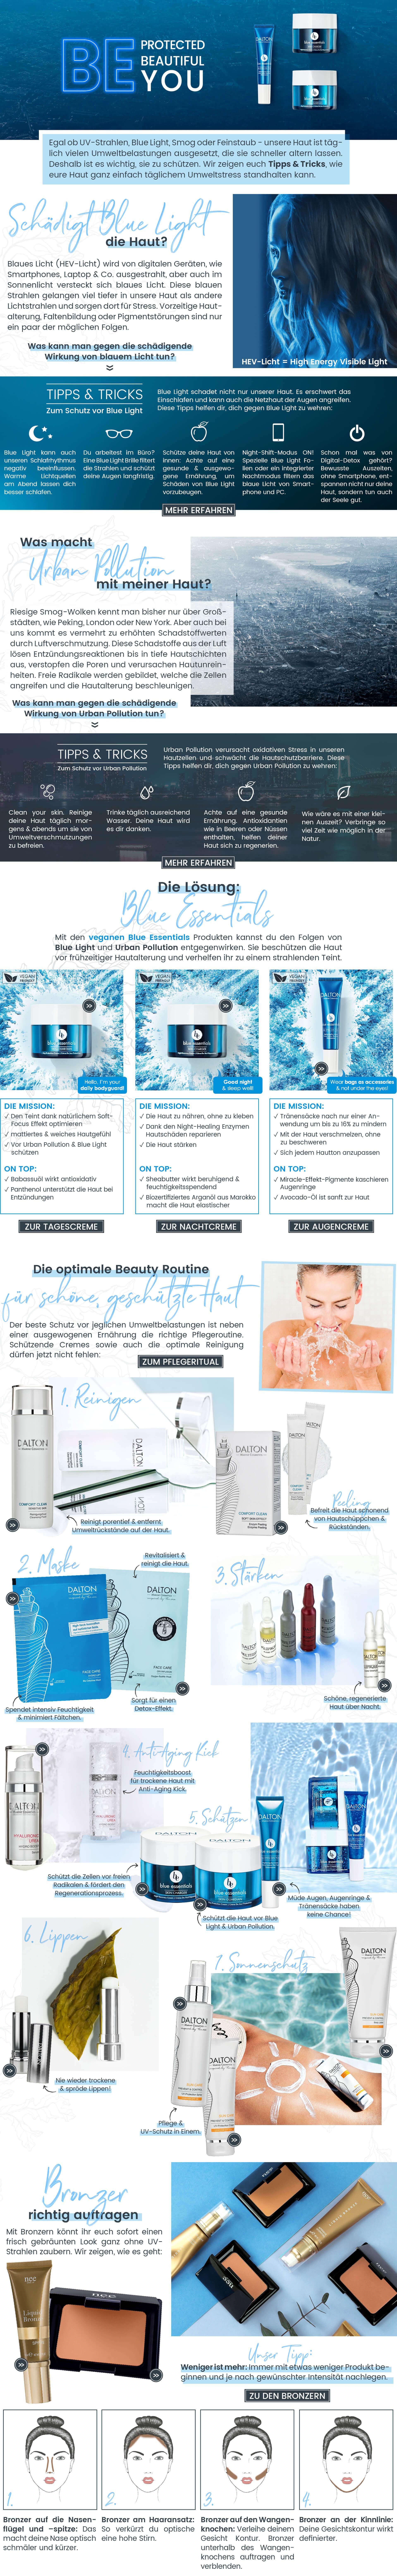 Tipps zur Hautpflege gegen Blue Light und Luftverschmutzung